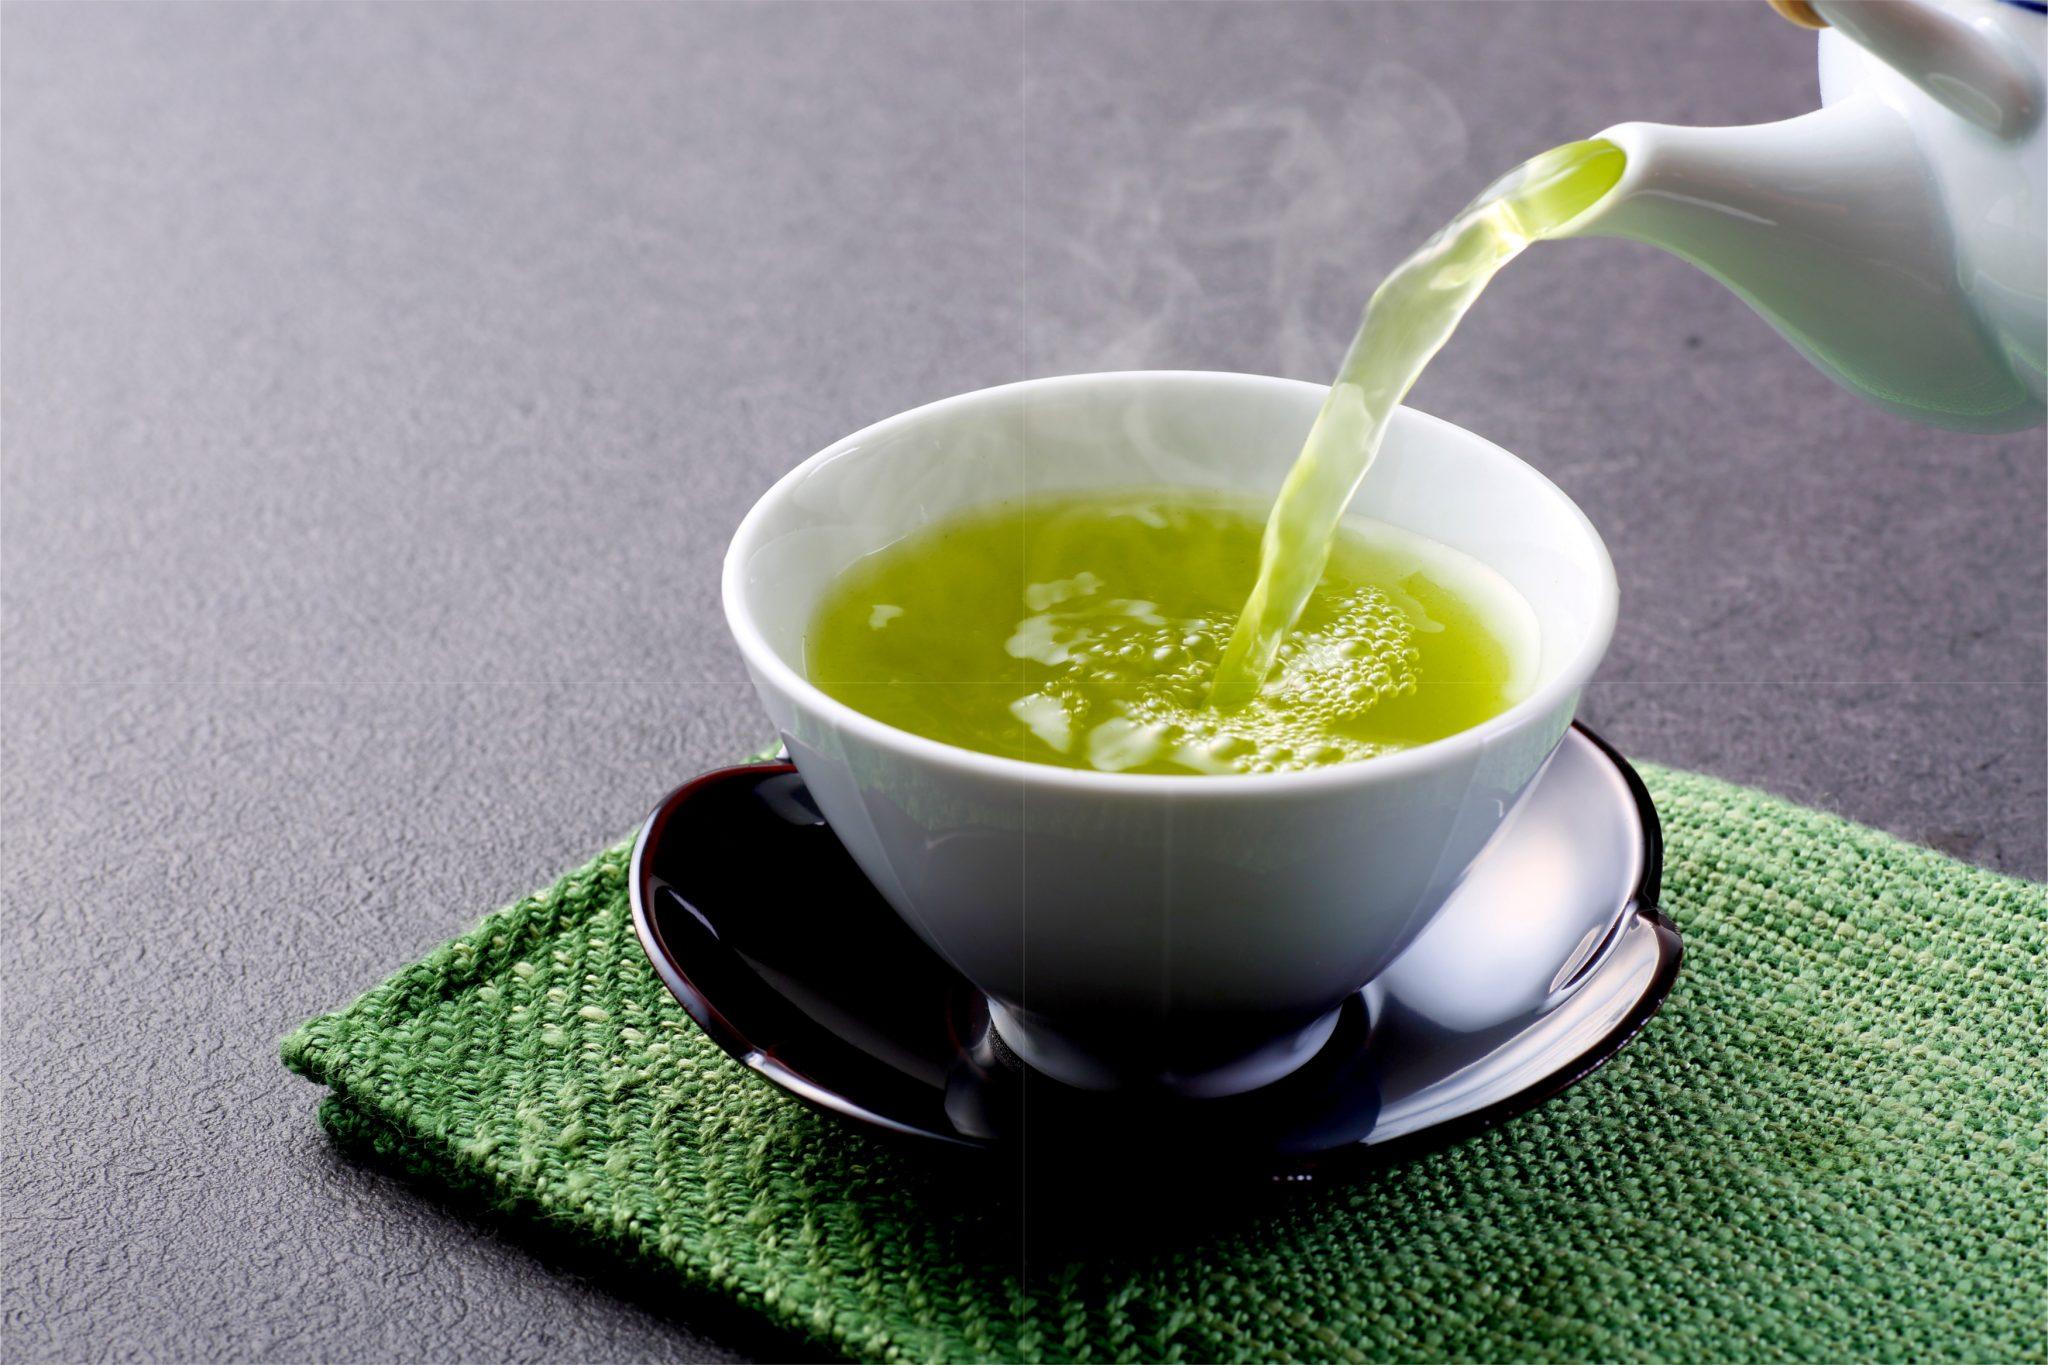 カテキンたっぷりの緑茶を注いでいる